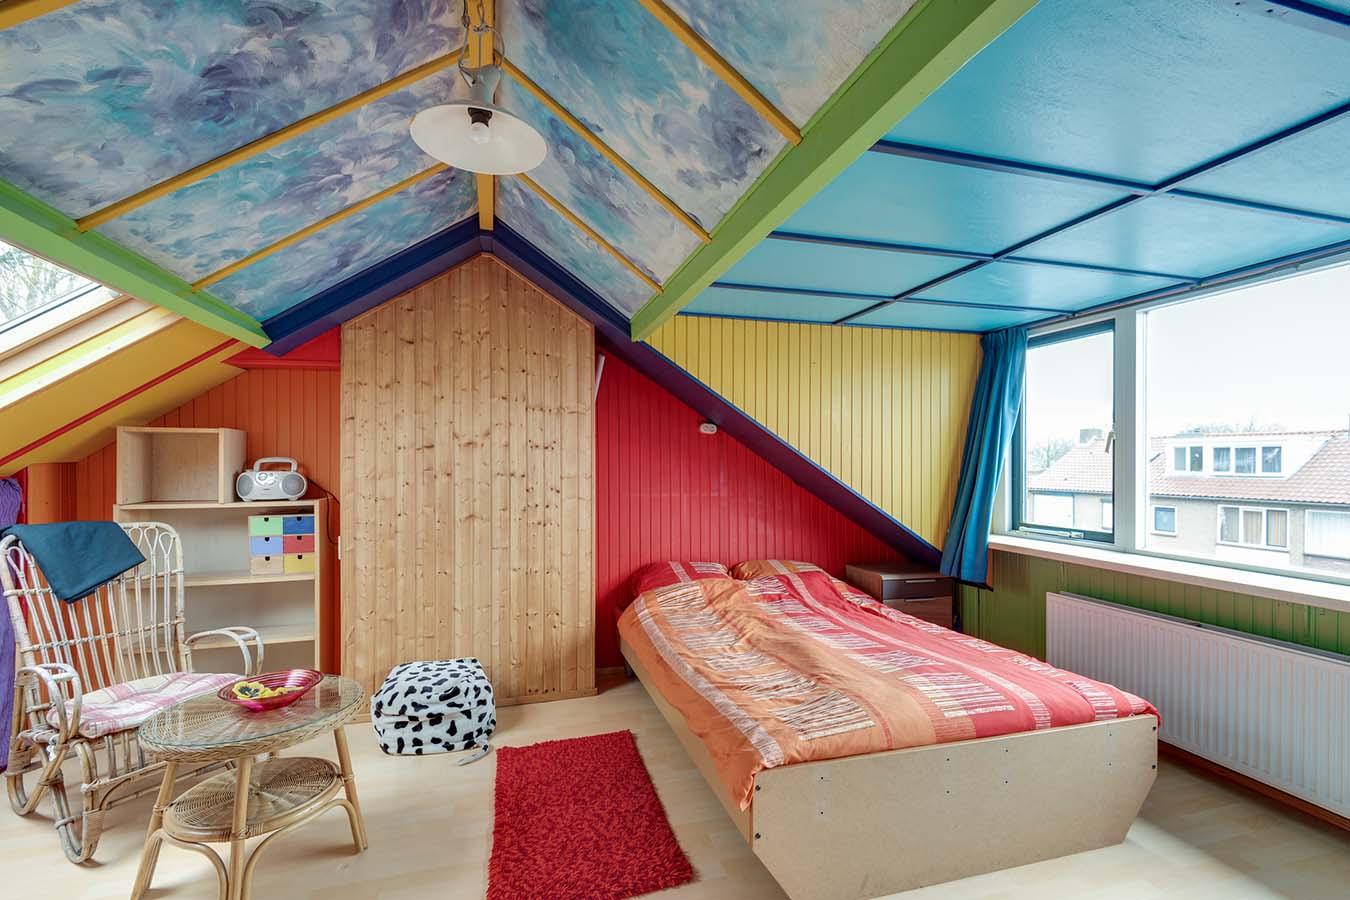 slaapkamer op de zolder